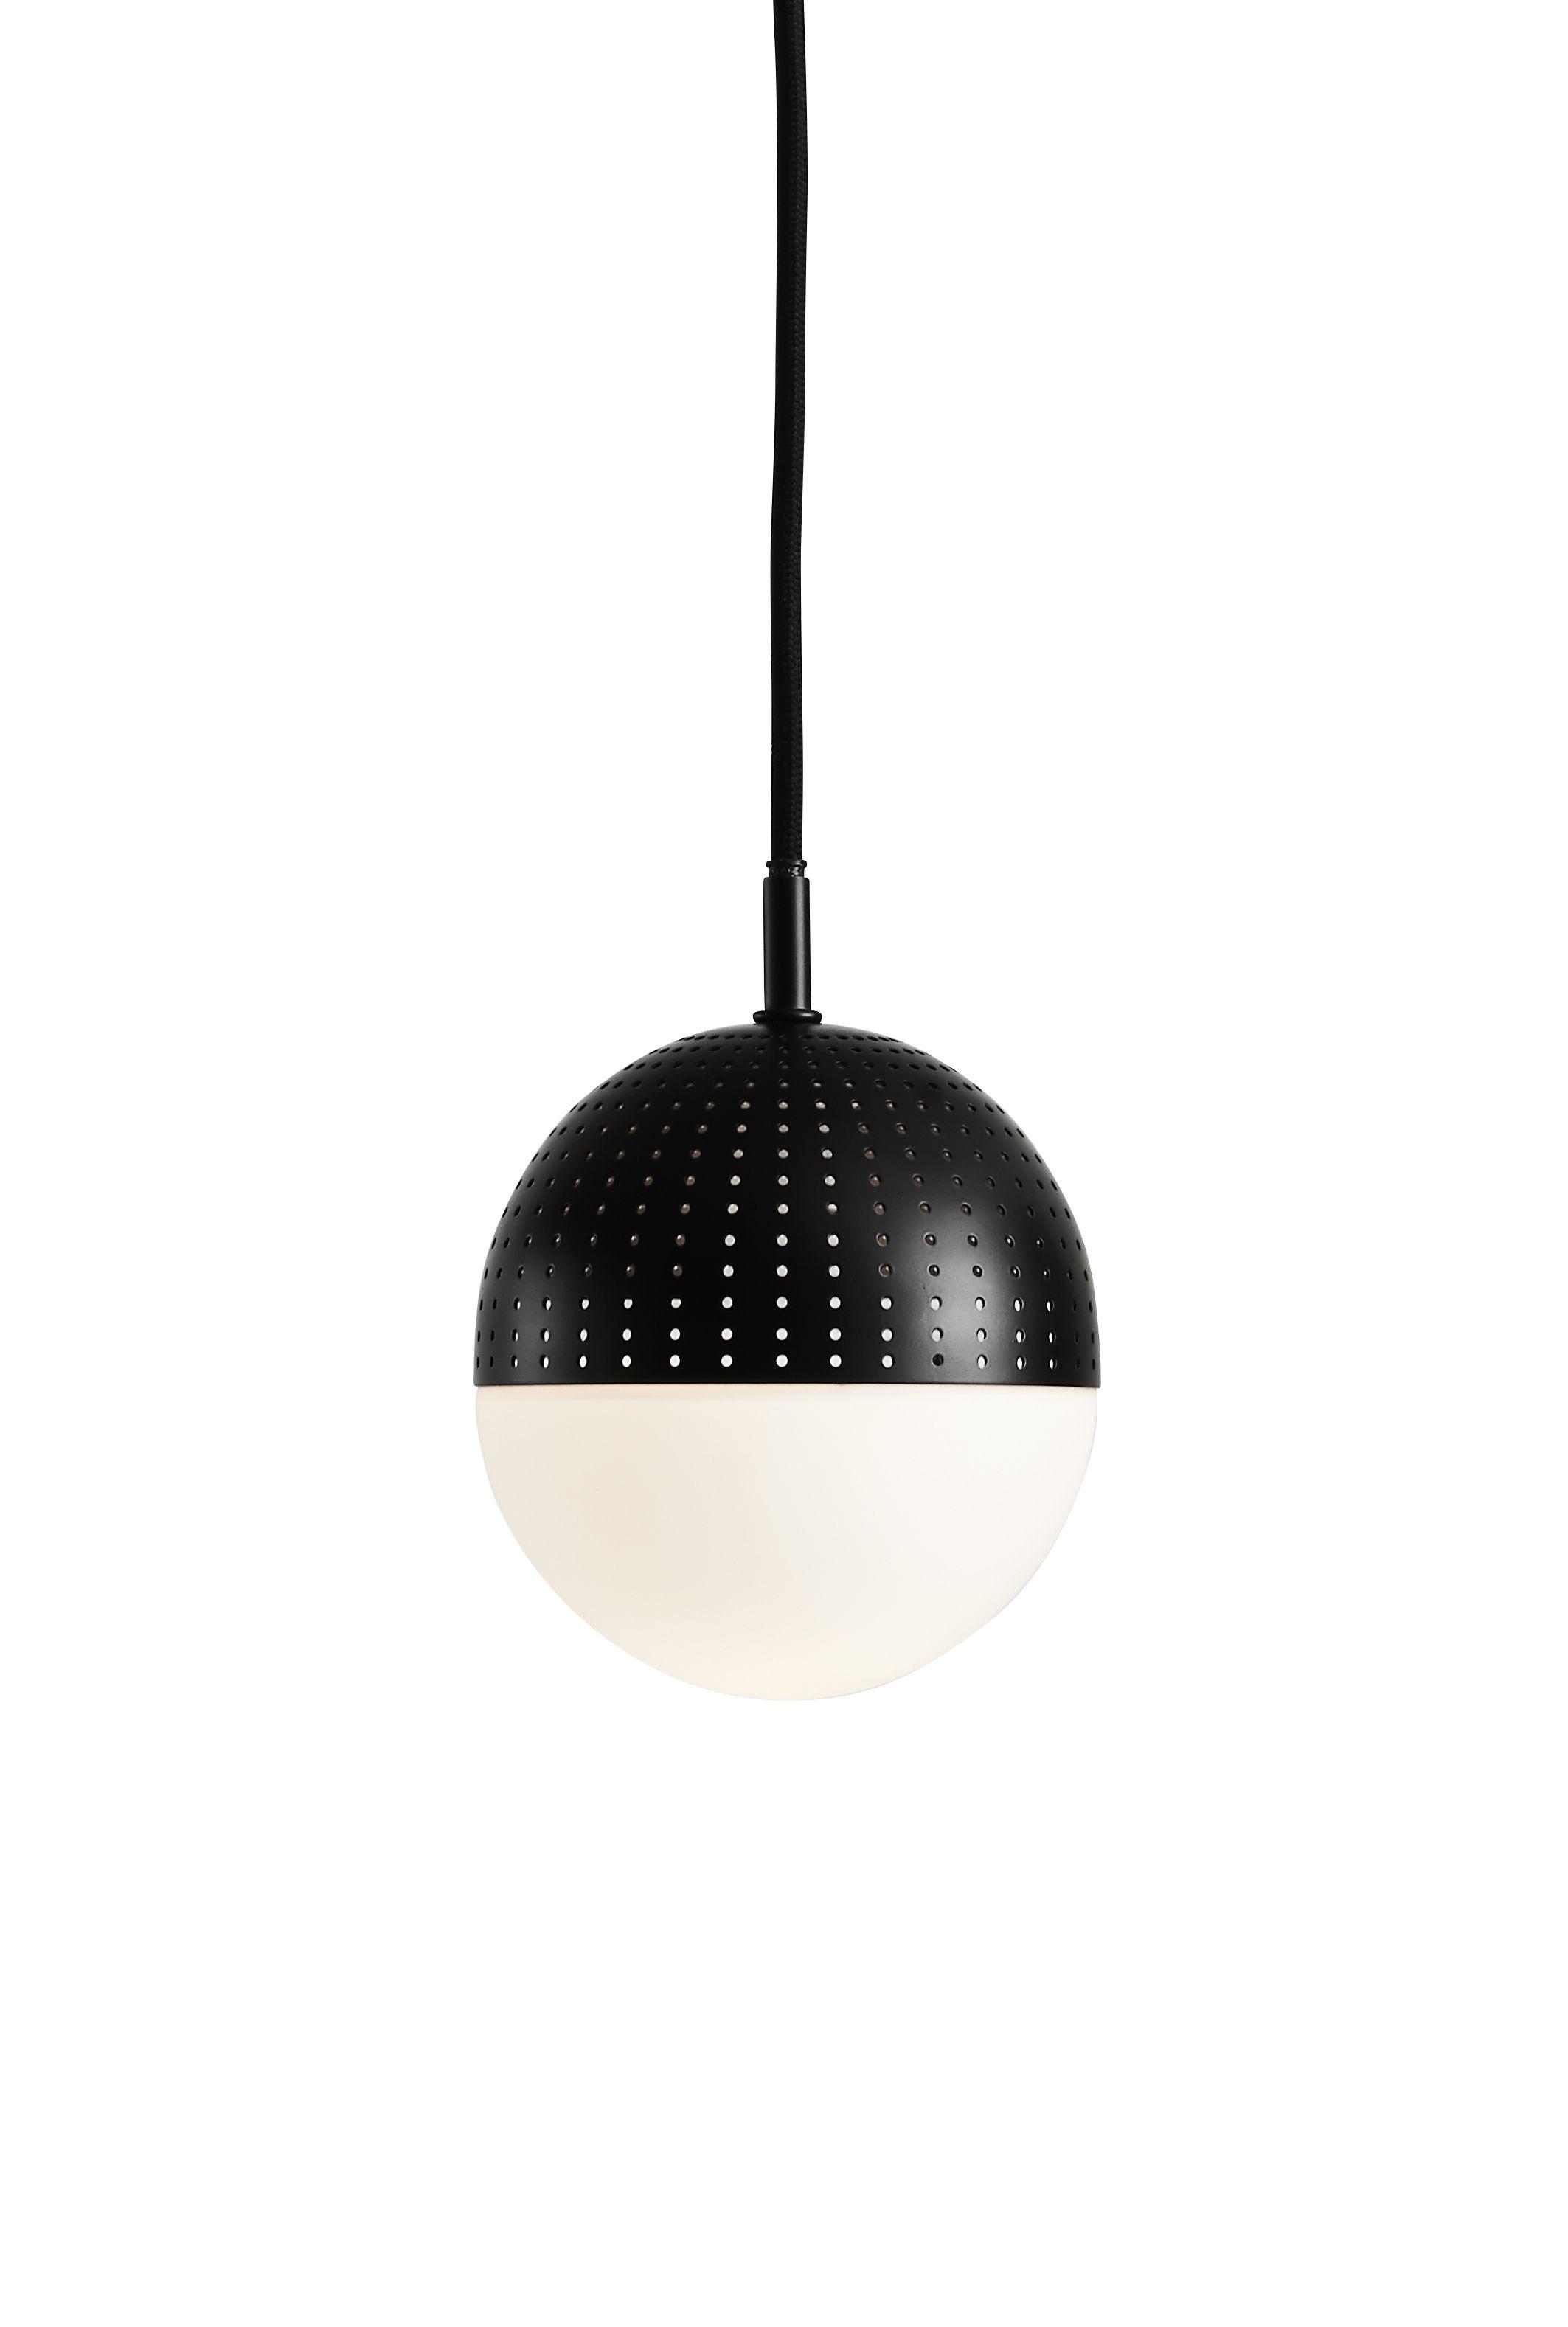 Luminaire - Suspensions - Suspension Dot S / Ø 12 x H 13 cm - Woud - Noir - Métal laqué, Verre opalin